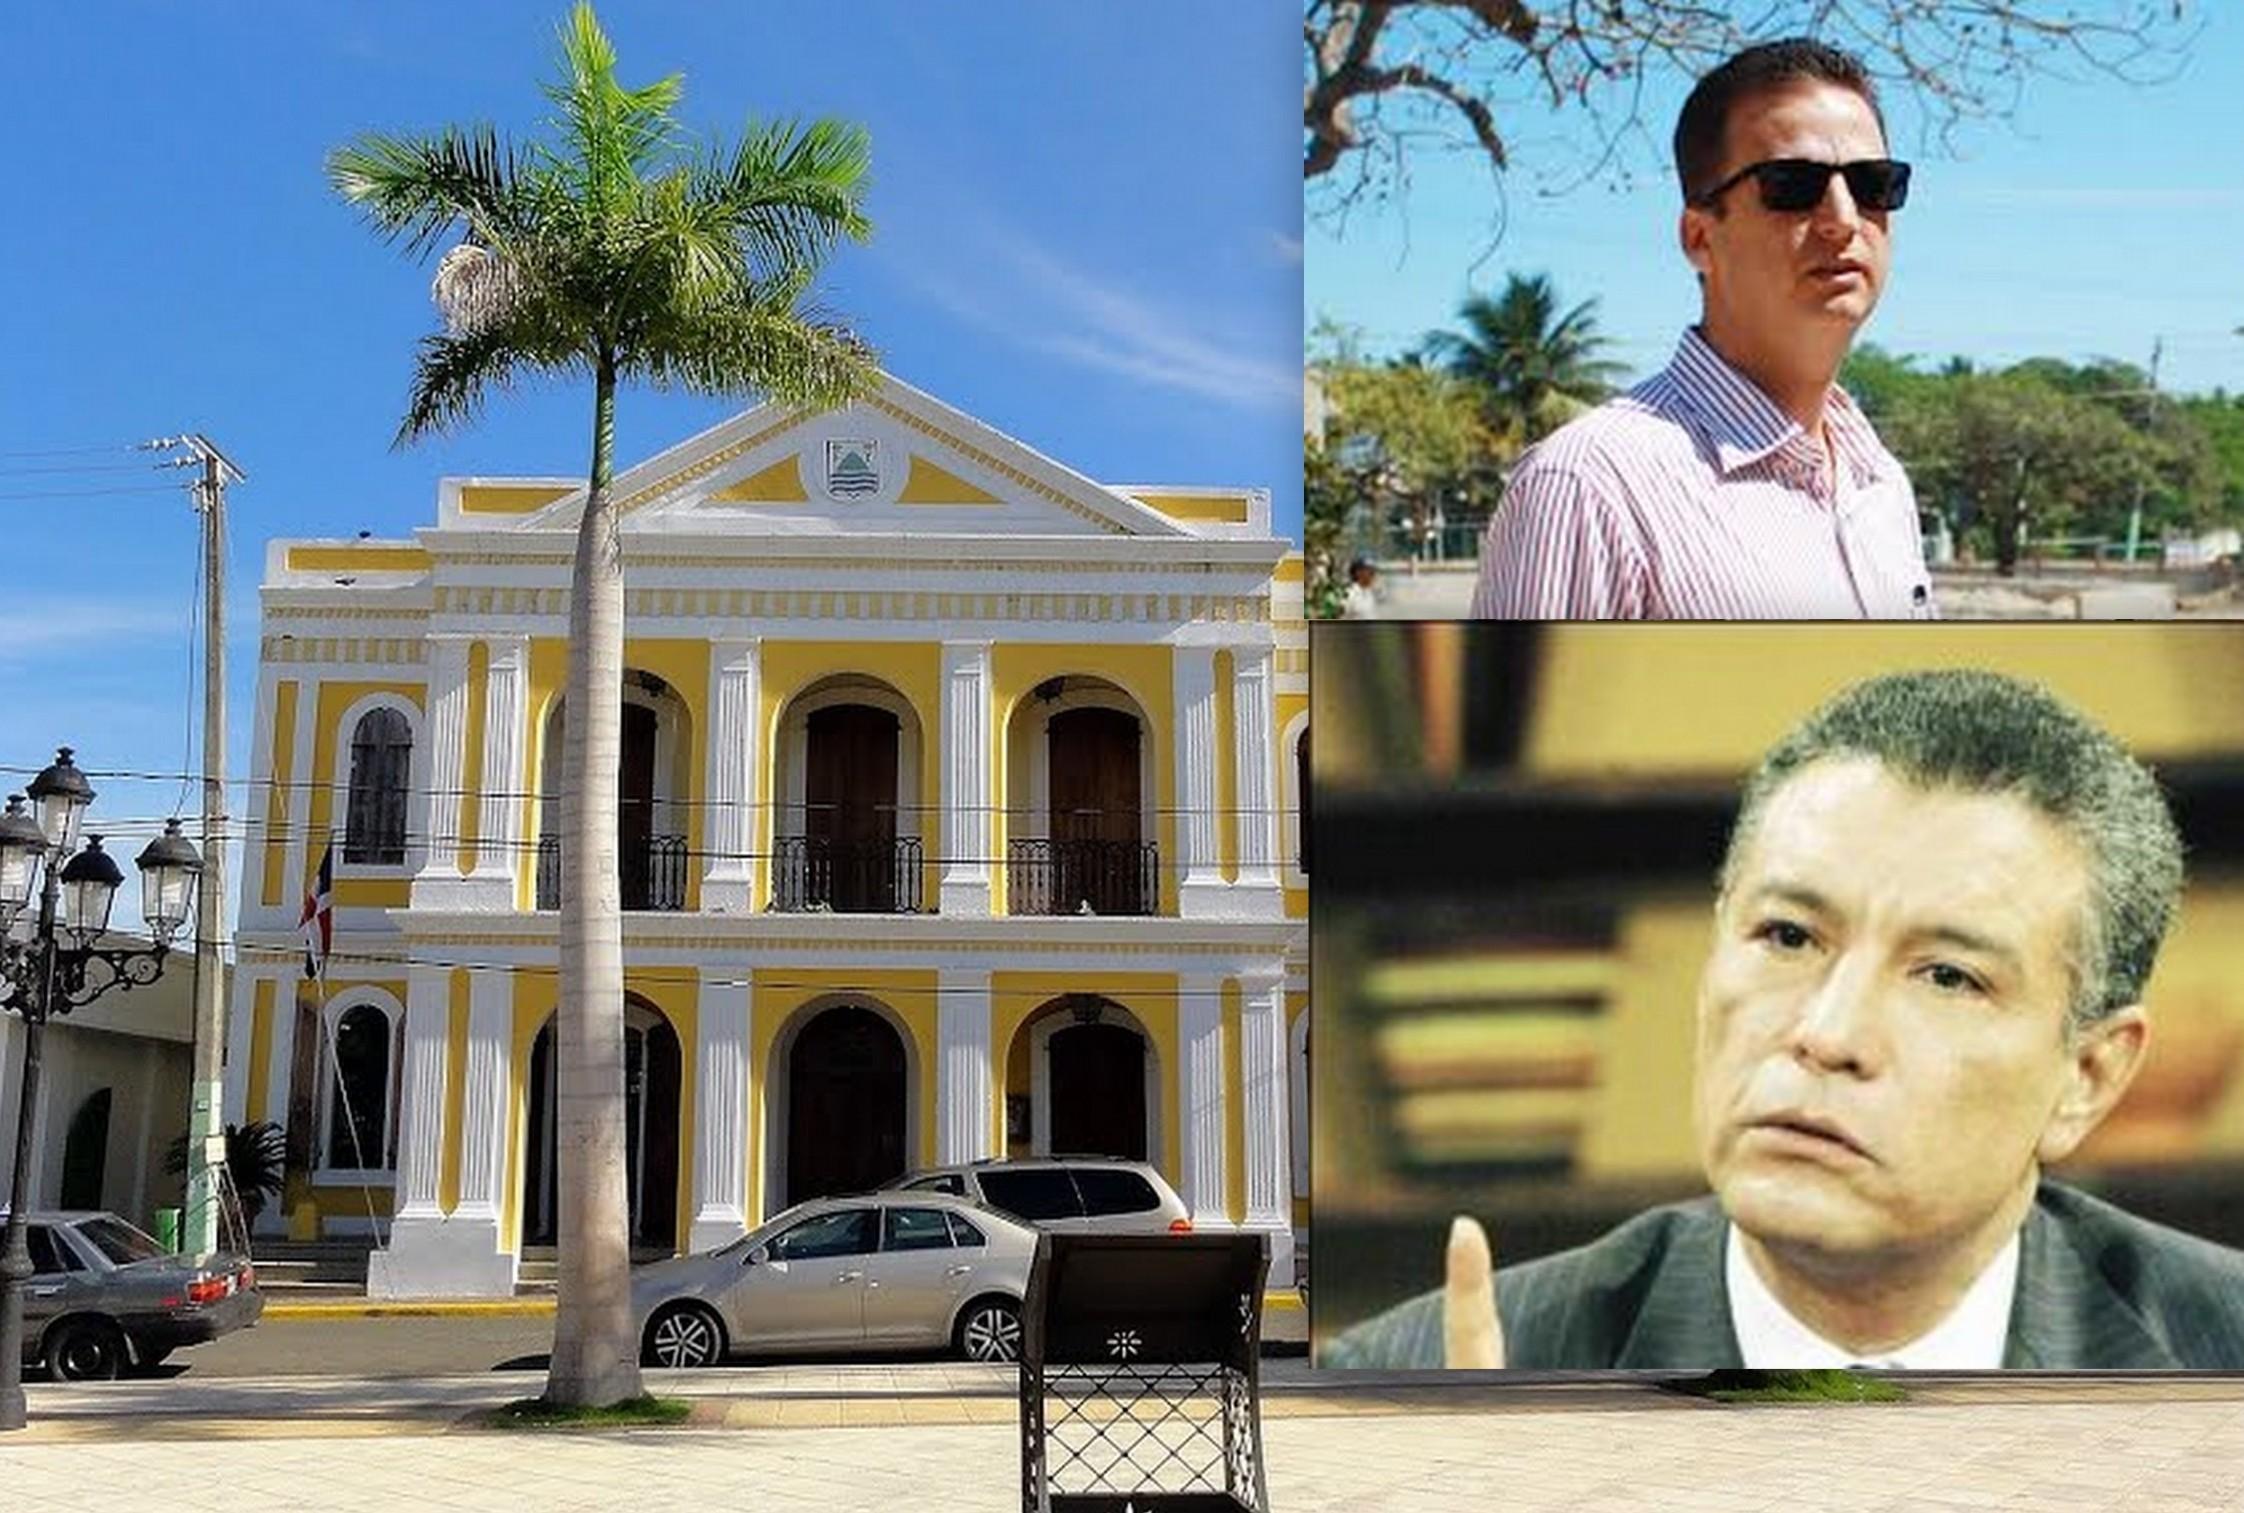 DOCUMENTOS: WALTER MUSA ENTREGÓ GALLERA Y 3 MILLONES DE PESOS A LOCKWARD EN PERMUTA CLUB GALLISTICO.